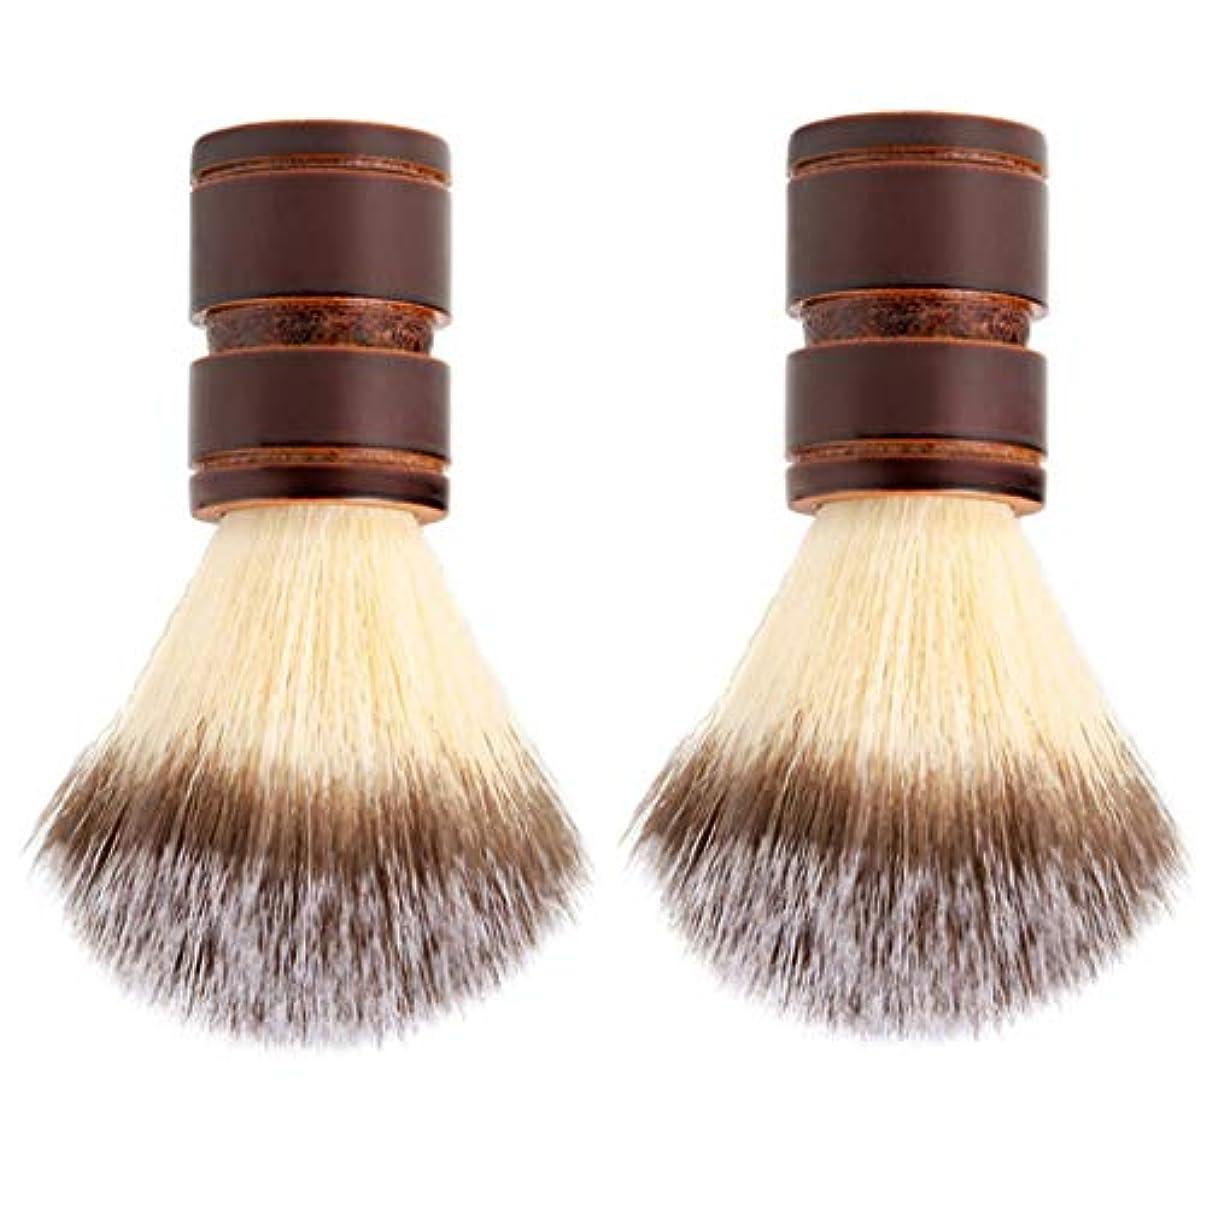 振り返る禁じる確認するdailymall 木のハンドルが付いている2xナイロン毛の剃るブラシ個人的な専門の剃る